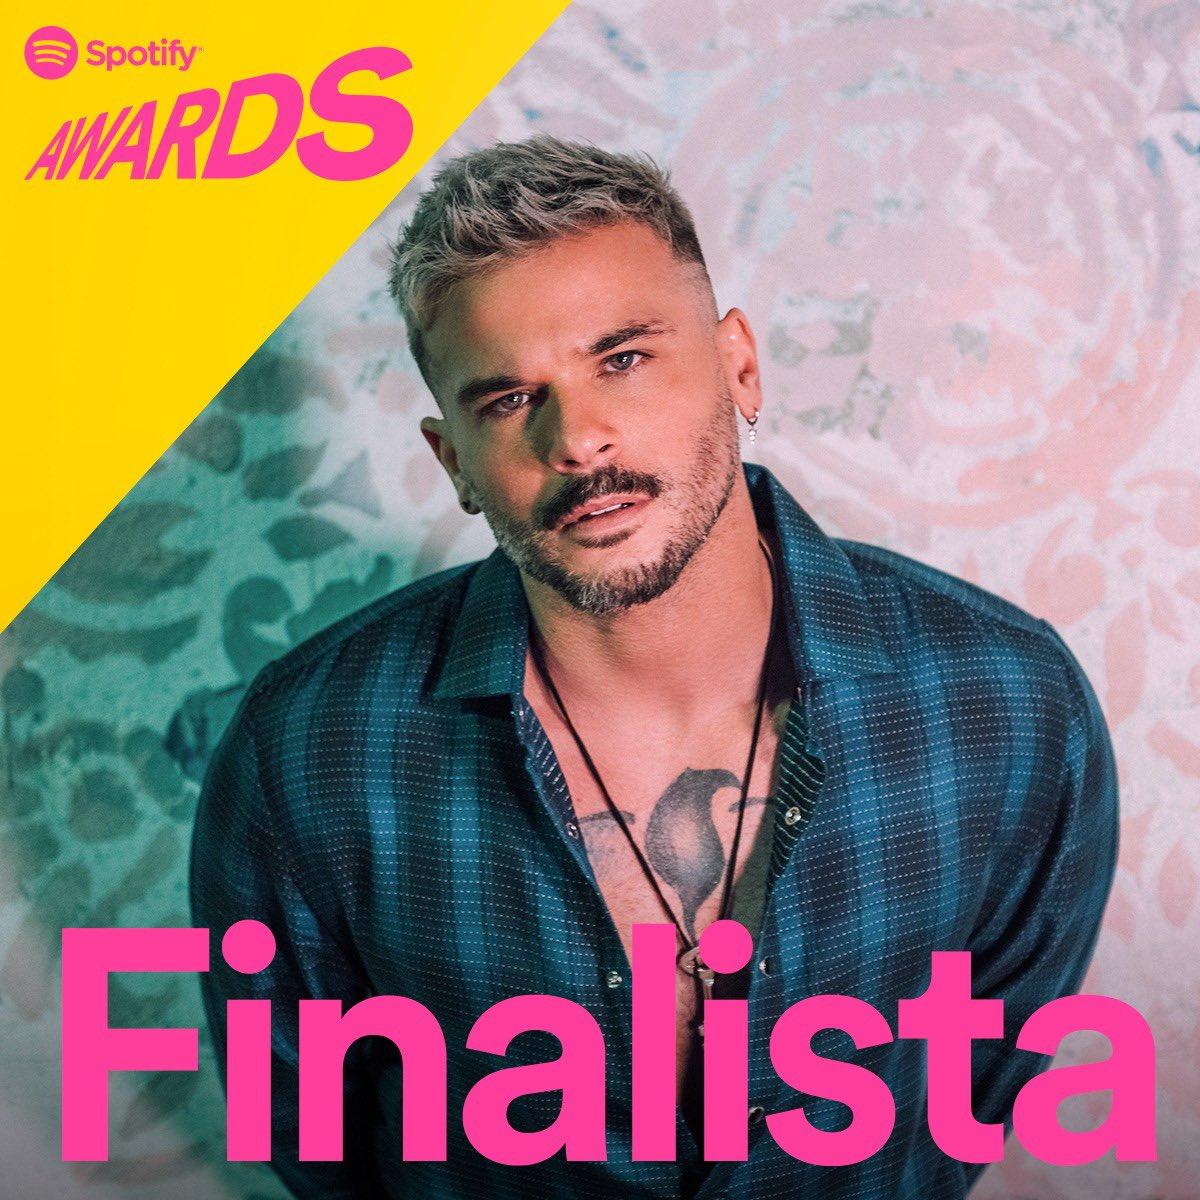 Familia! Gracias a su apoyo hoy soy uno de los finalistas de #SpotifyAwards 🎵 en estas categorias Canción Más Escuchada, Compositor A Canción Más Escuchada & Canción con Más Días En El Top 50 🔥💥💚 ¡MUCHAS GRACIAS! @SpotifyMexico @Spotify_LATAM